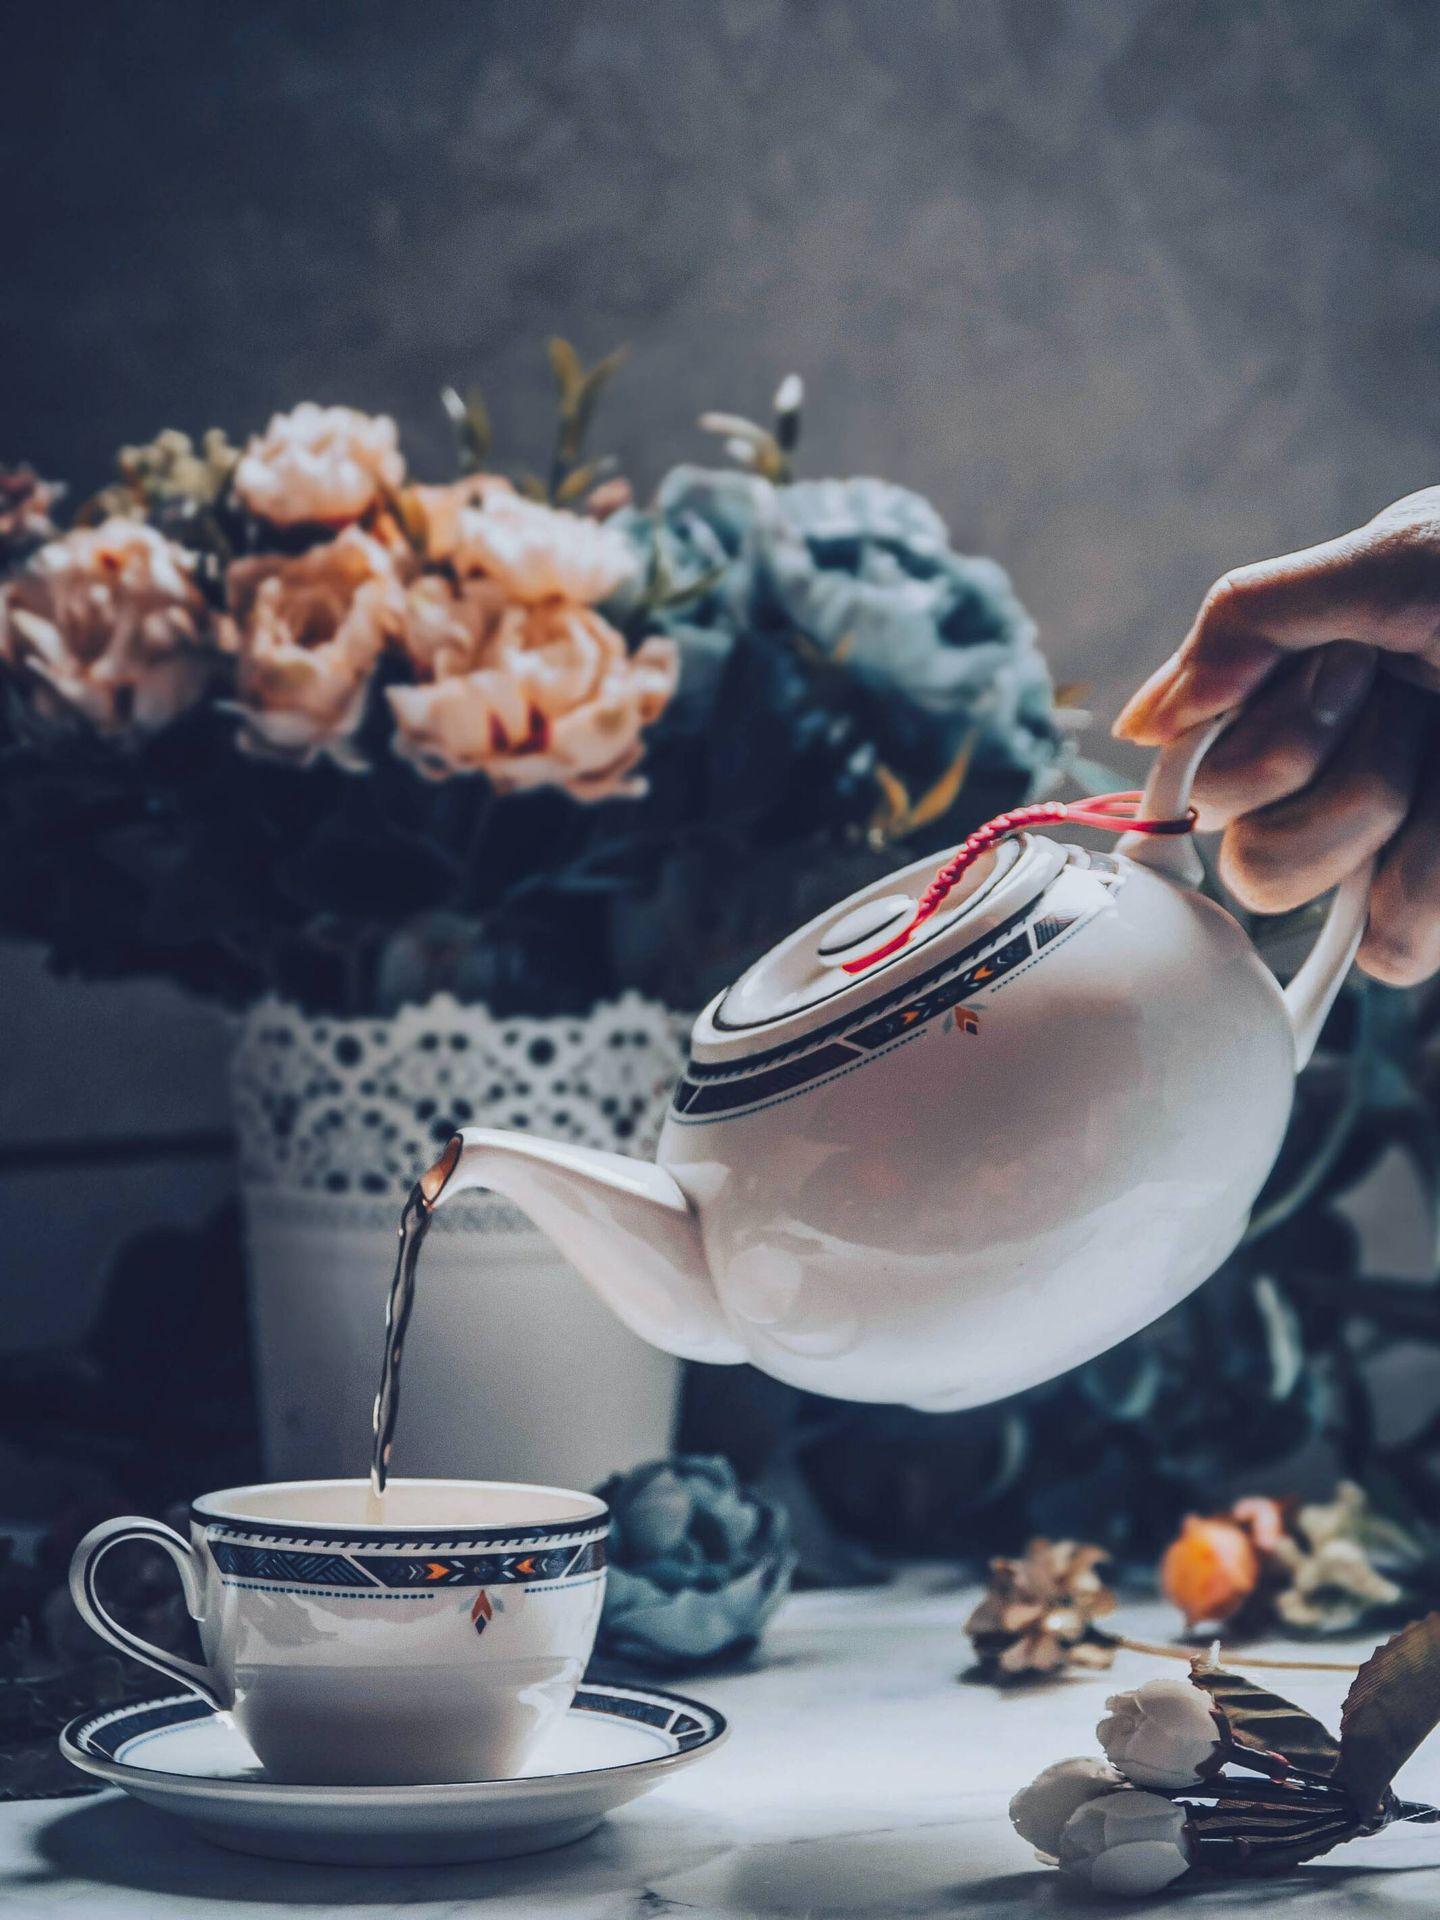 Bebidas saludables y antioxidantes para sustituir al café. (Loverna Journey para Unsplash)